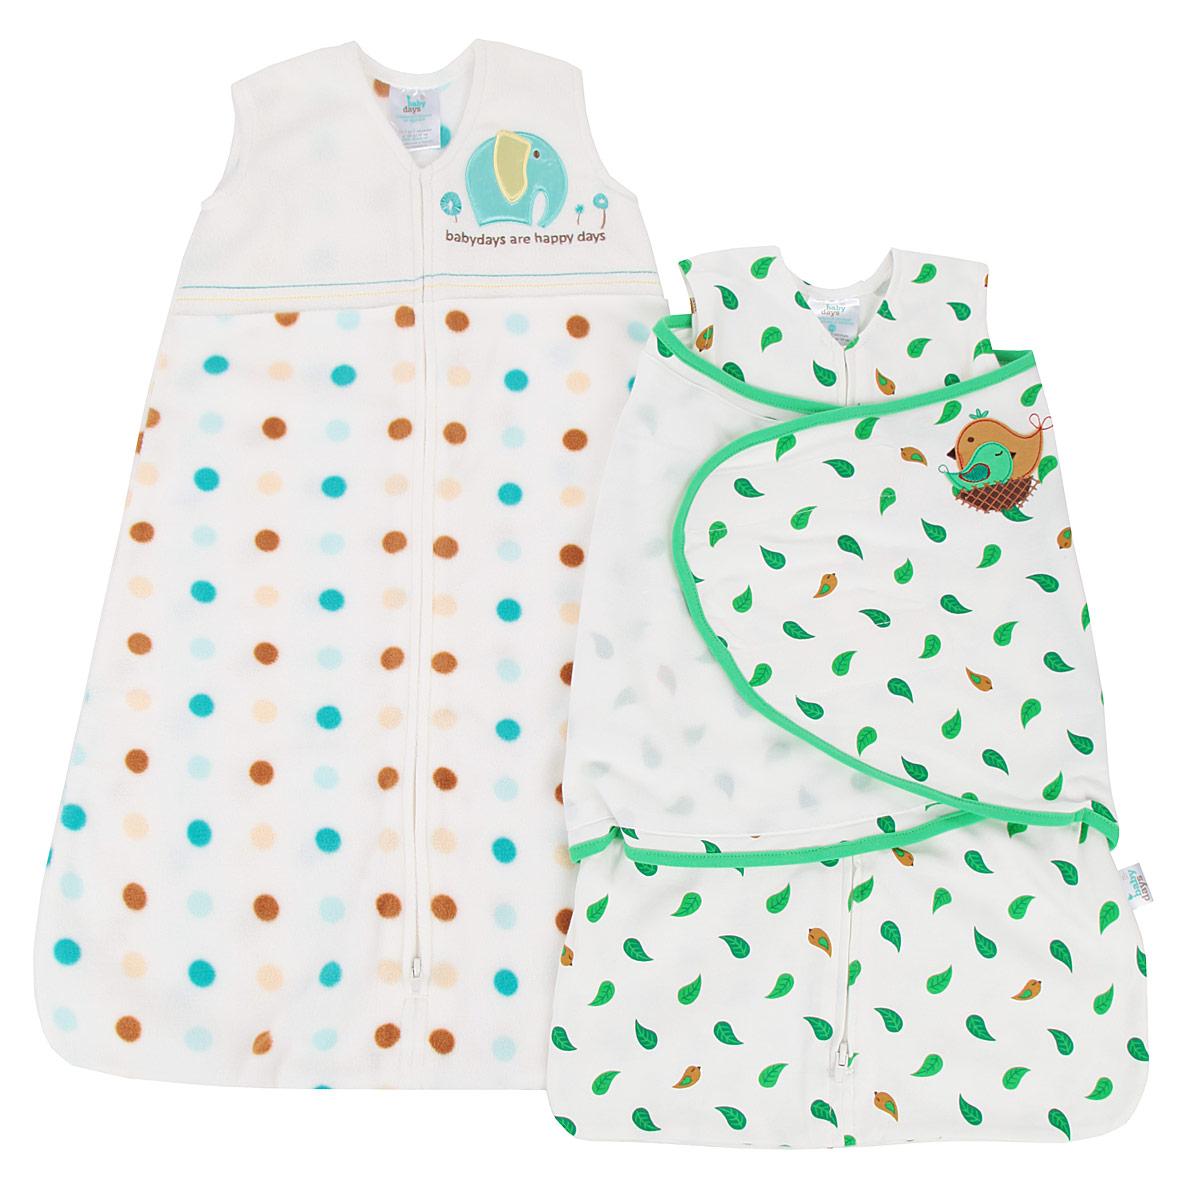 Спальный мешок для новорожденныхbd20003Подарочный набор для новорожденного Babydays, состоящий из спального конверта с липучками и спального мешка, удобен в использовании, как для малыша, так и для родителей. Изделия выполнены из высококачественного материала, абсолютно безопасного для ребенка. Материал отличается высокой прочностью и износостойкостью, не линяет, не теряет яркости, сохраняет свой первоначальный вид по мере использования и носки. Конверт одевается поверх обычной одежды для сна, обеспечивая максимальный комфорт и безопасность. Конверт и мешок одеваются поверх обычной одежды для сна, обеспечивая максимальный комфорт и безопасность. Спальный мешок без рукавов и с V-образным вырезом горловины застегивается на длинную застежку снизу вверх, что делает удобным смену подгузников и не травмирует подбородок. Безрукавный крой снижает риск перегрева. Свободная нижняя часть дает малышу достаточное пространство, чтобы двигать ножками: это необходимо для правильного развития тазобедренного сустава. Оформлено изделие...